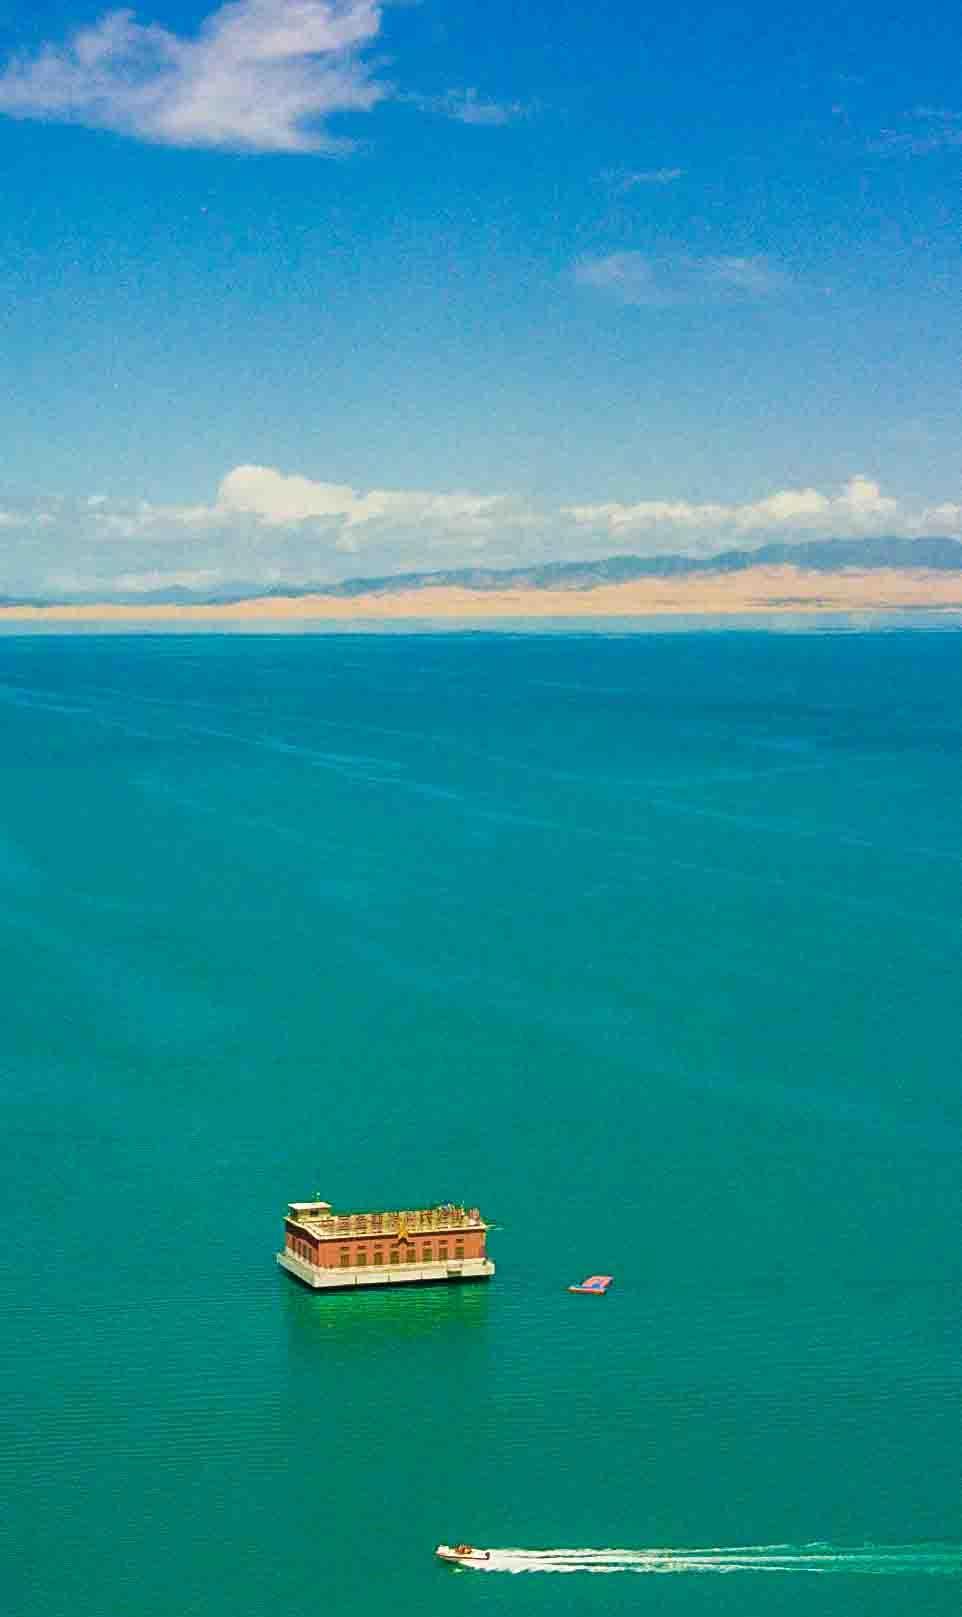 青海湖:无与伦比的美景,皑皑雪山,蔚蓝湖泊,青藏高原别样的美